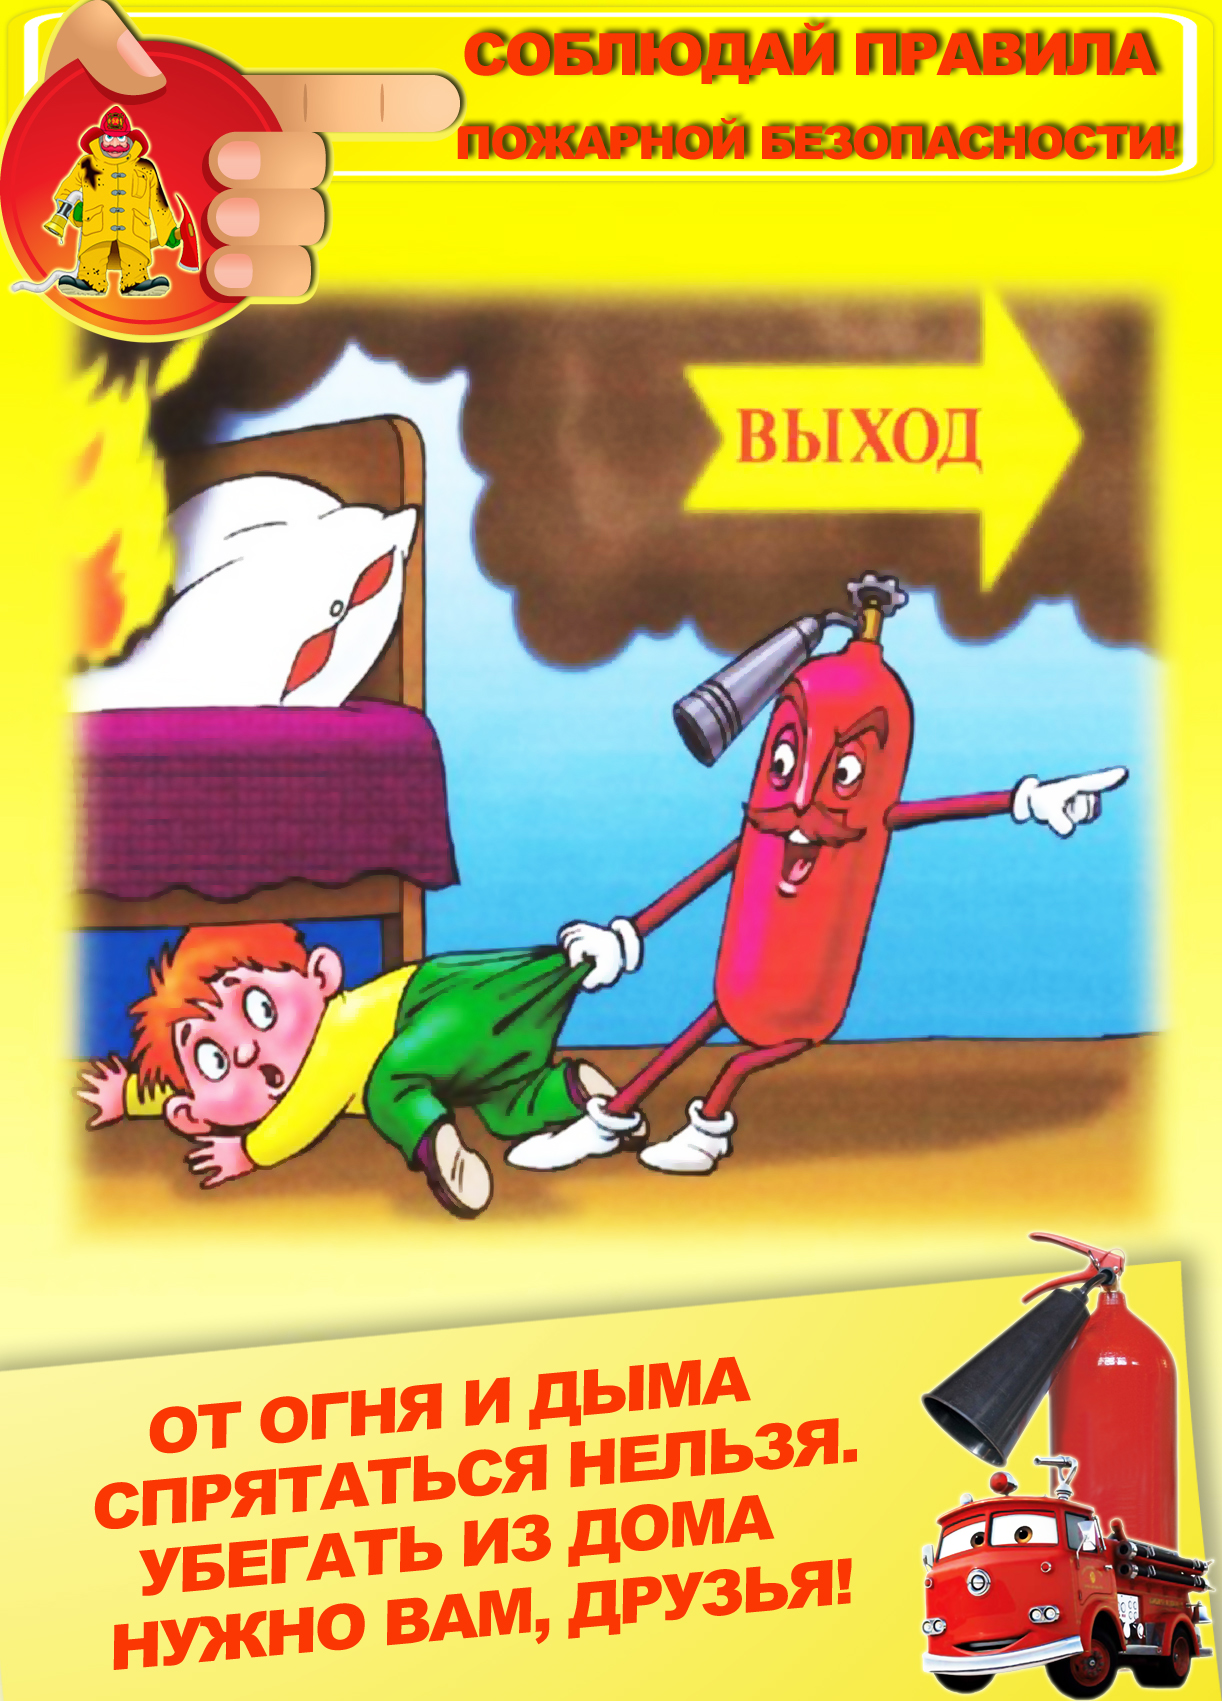 Детям про пожарную безопасность